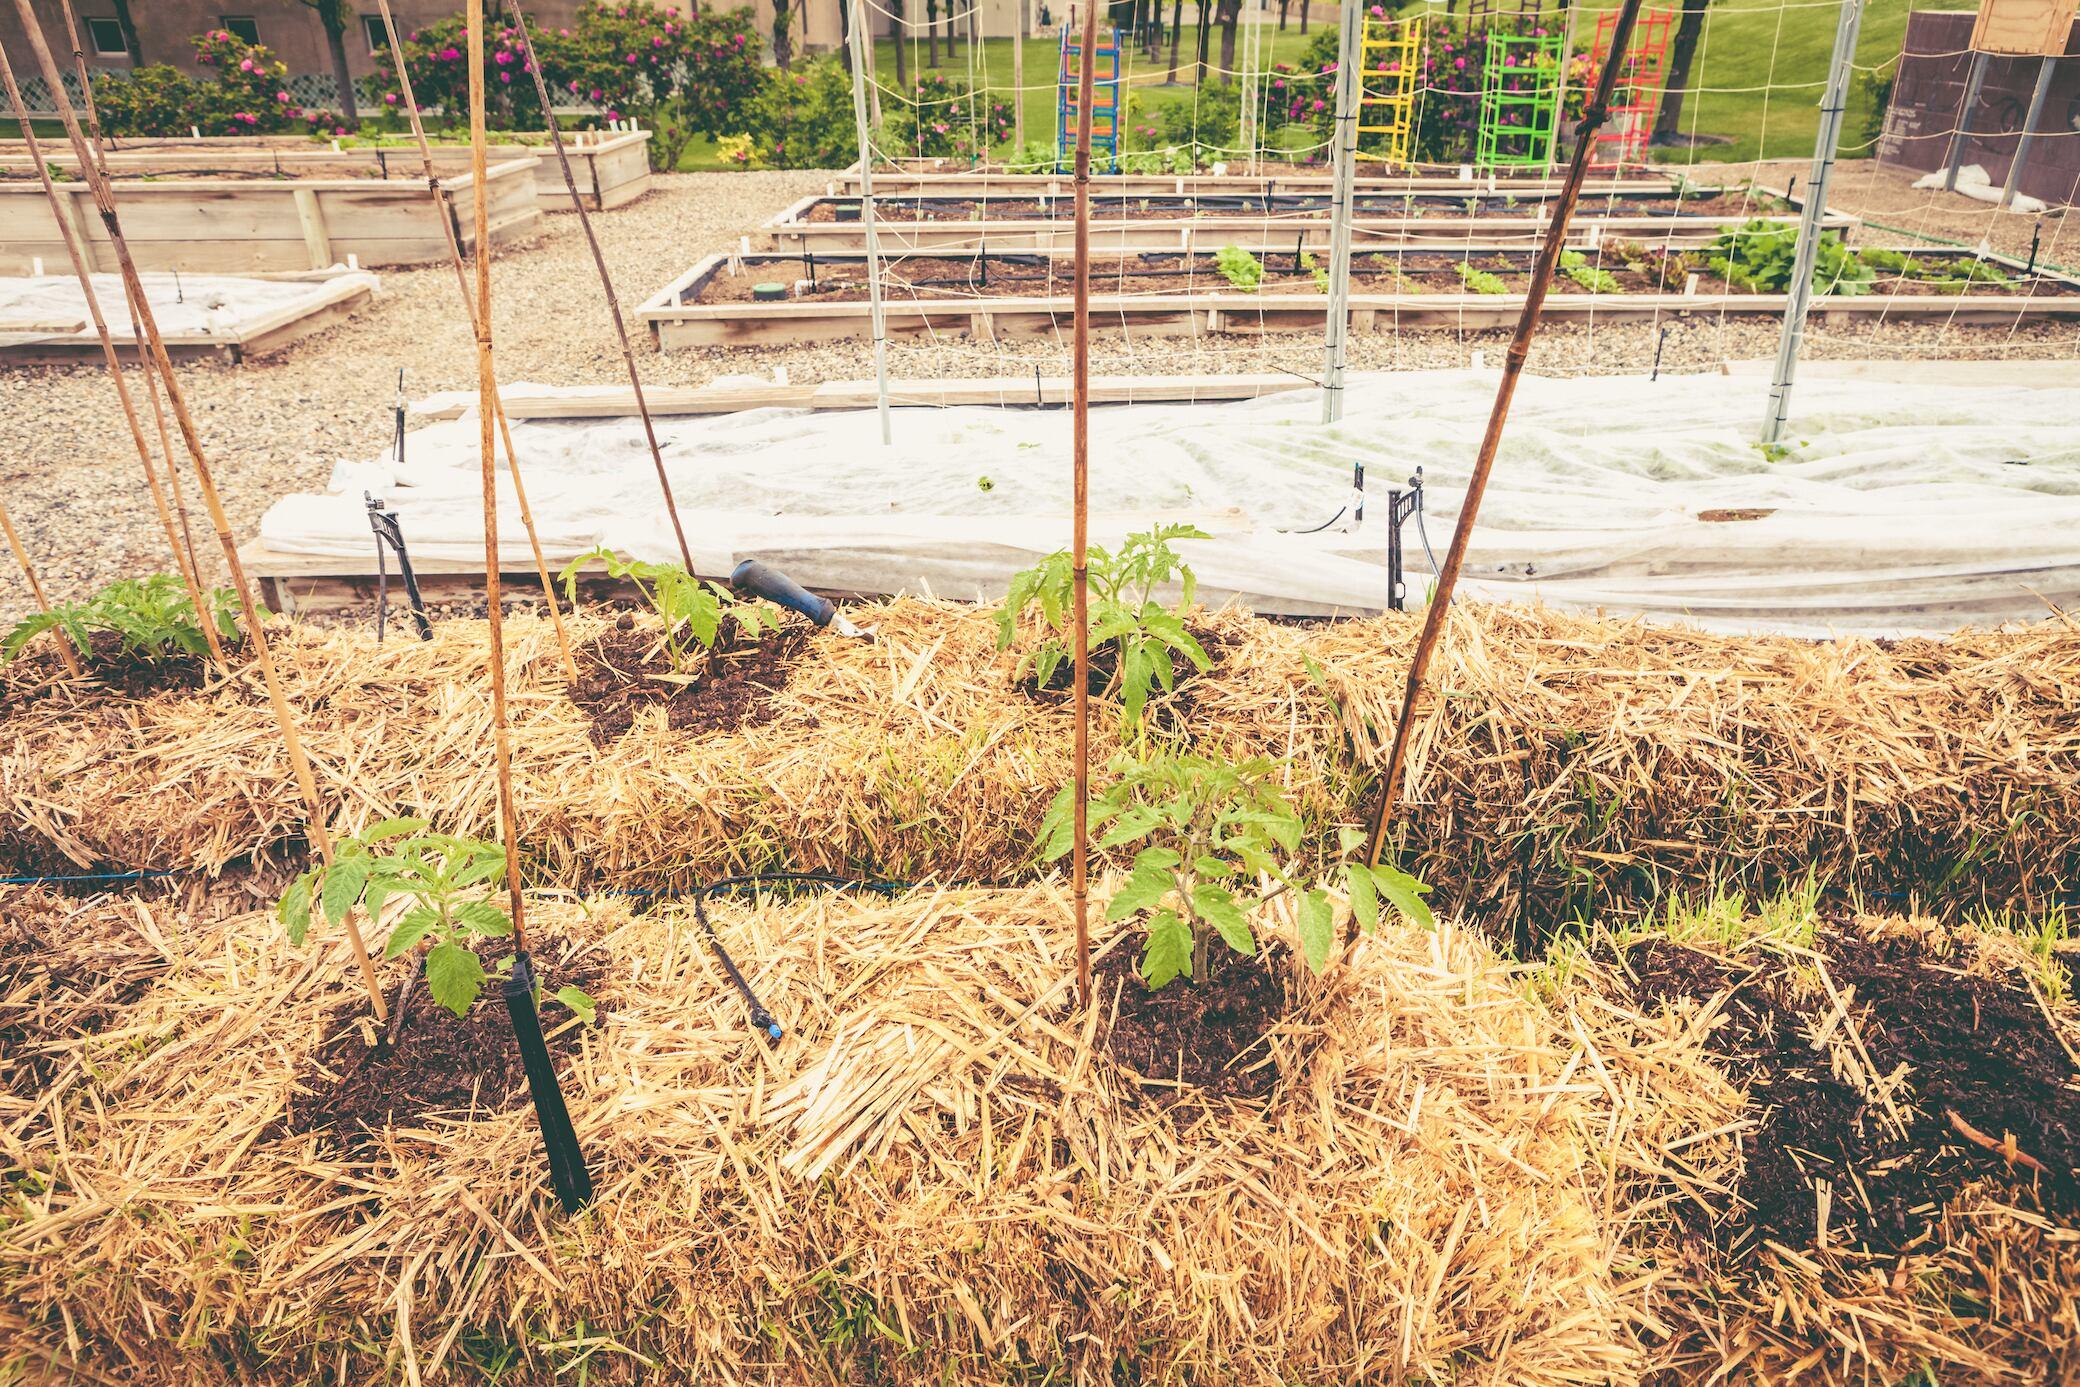 Gärtnern auf Stroh Wie Pflanzen auf Strohballen gedeihen